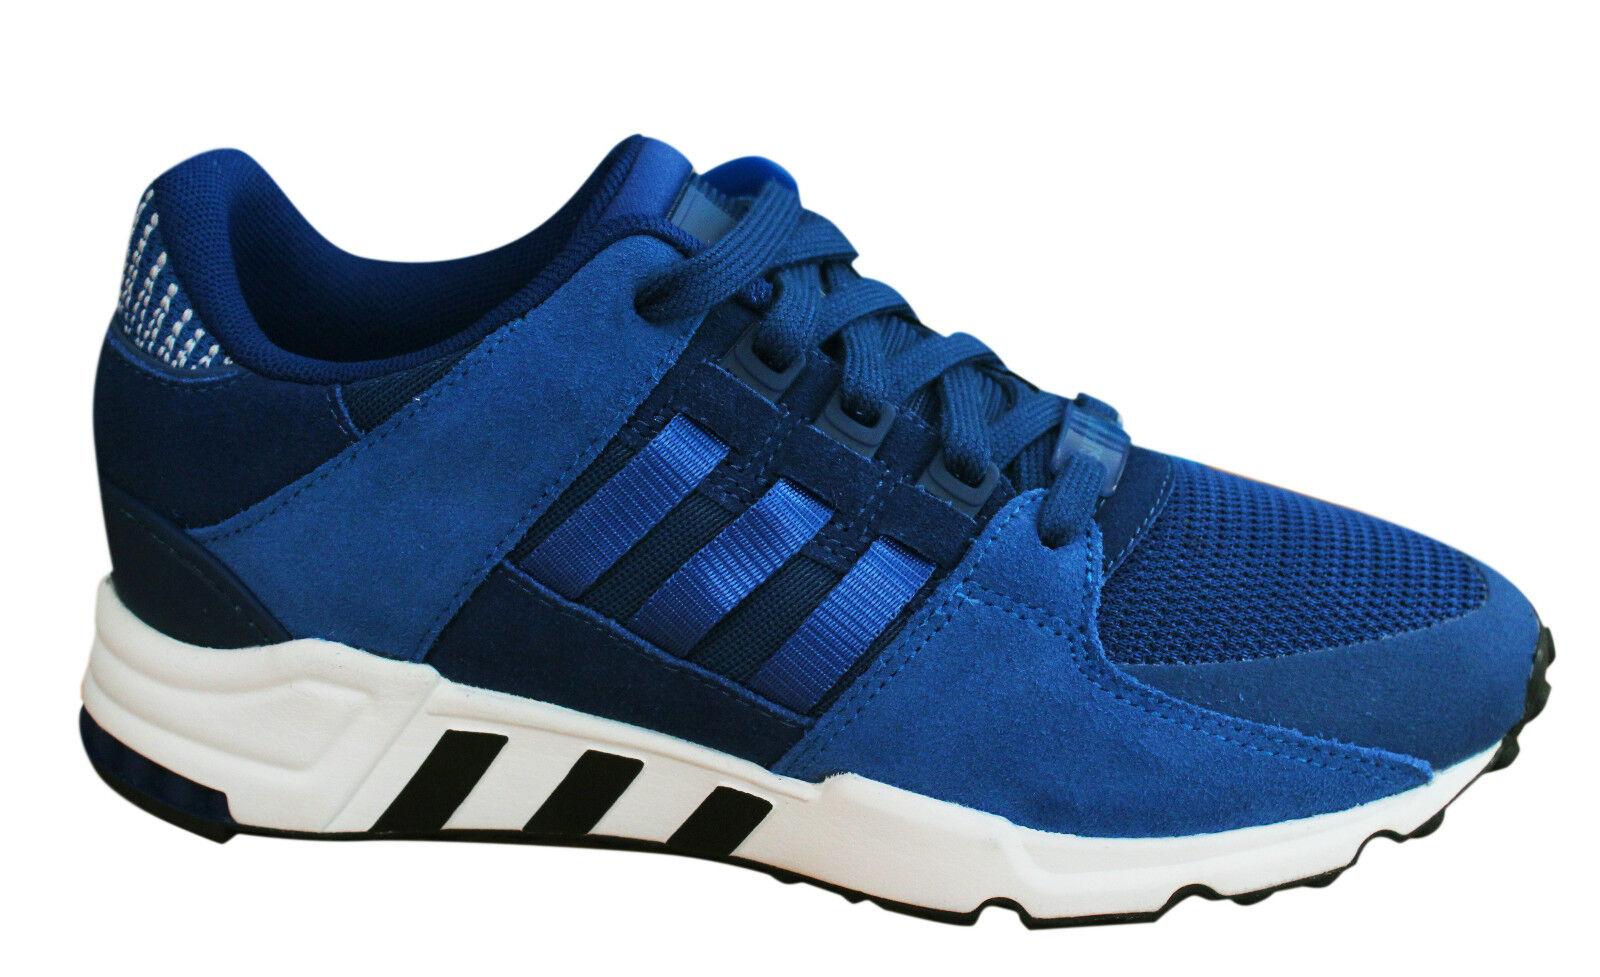 Adidas attrezzature sostegno raffinato blu Uomo formatori merletto scarpe blu raffinato by9624 m17 3ae697